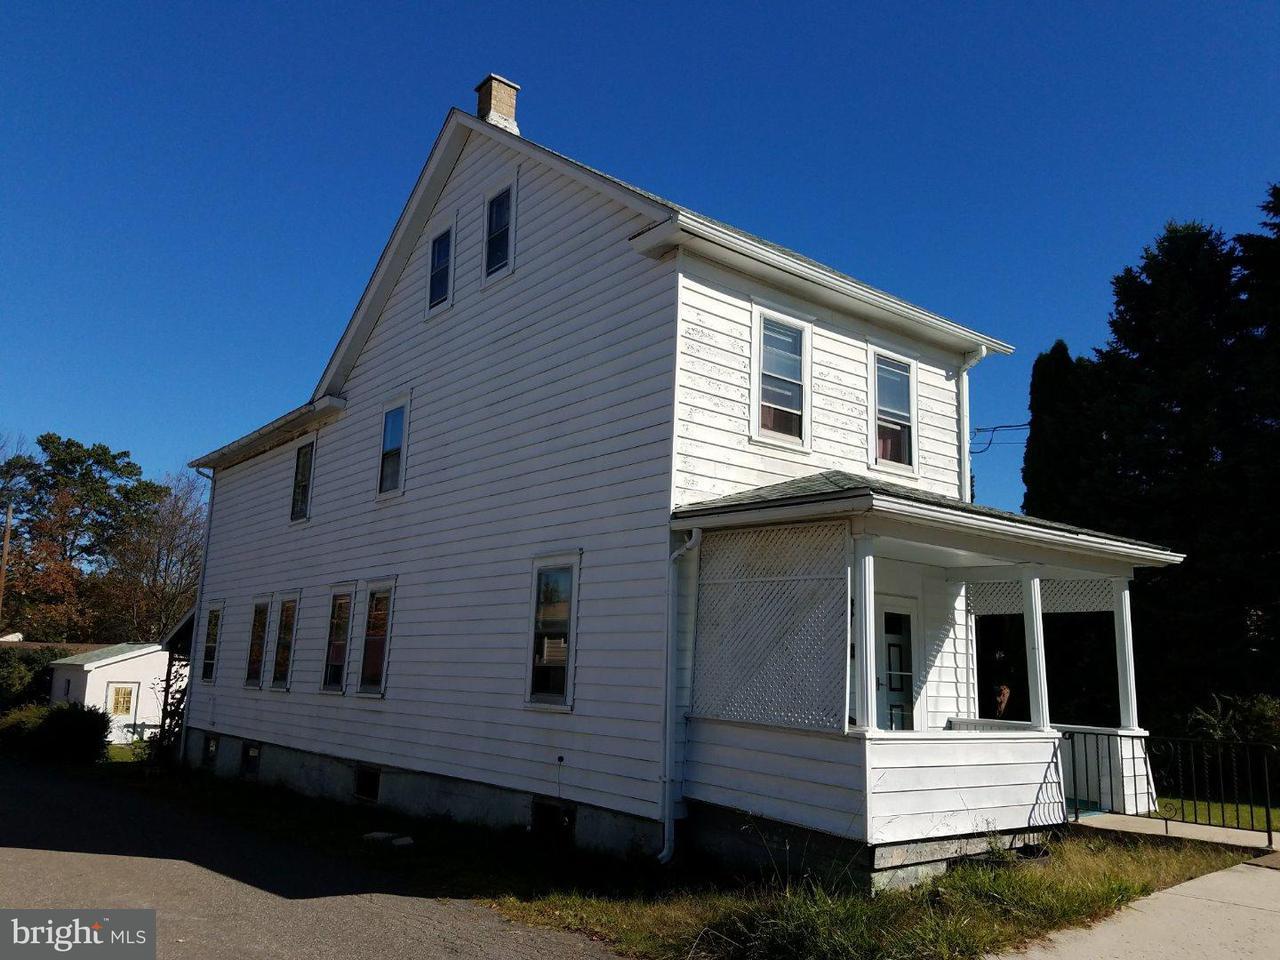 Частный односемейный дом для того Продажа на 513 E BLAINE Street McAdoo, Пенсильвания 18237 Соединенные Штаты